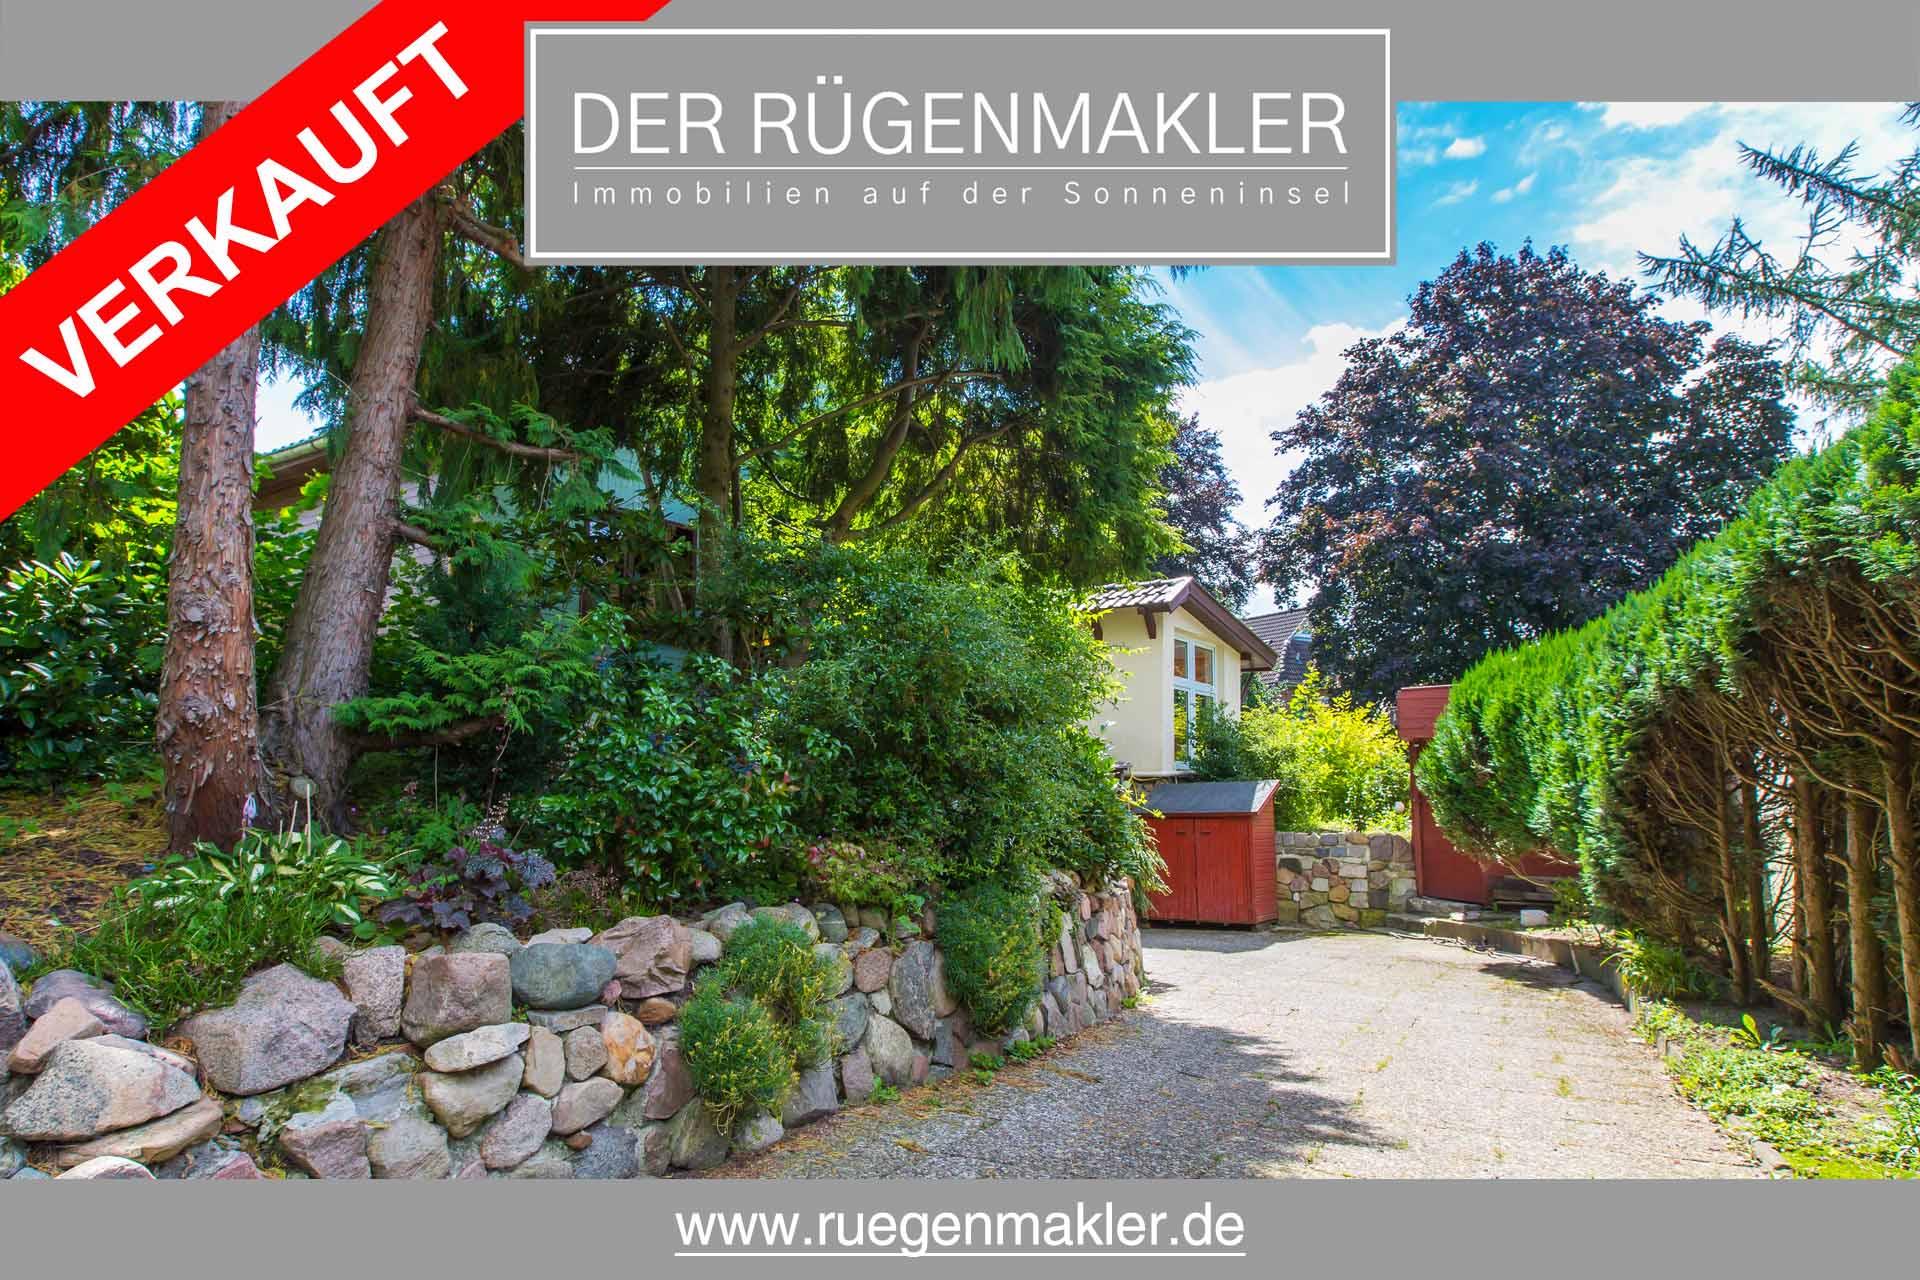 Ruegenmakler - Ferienhaus in Binz verkauft